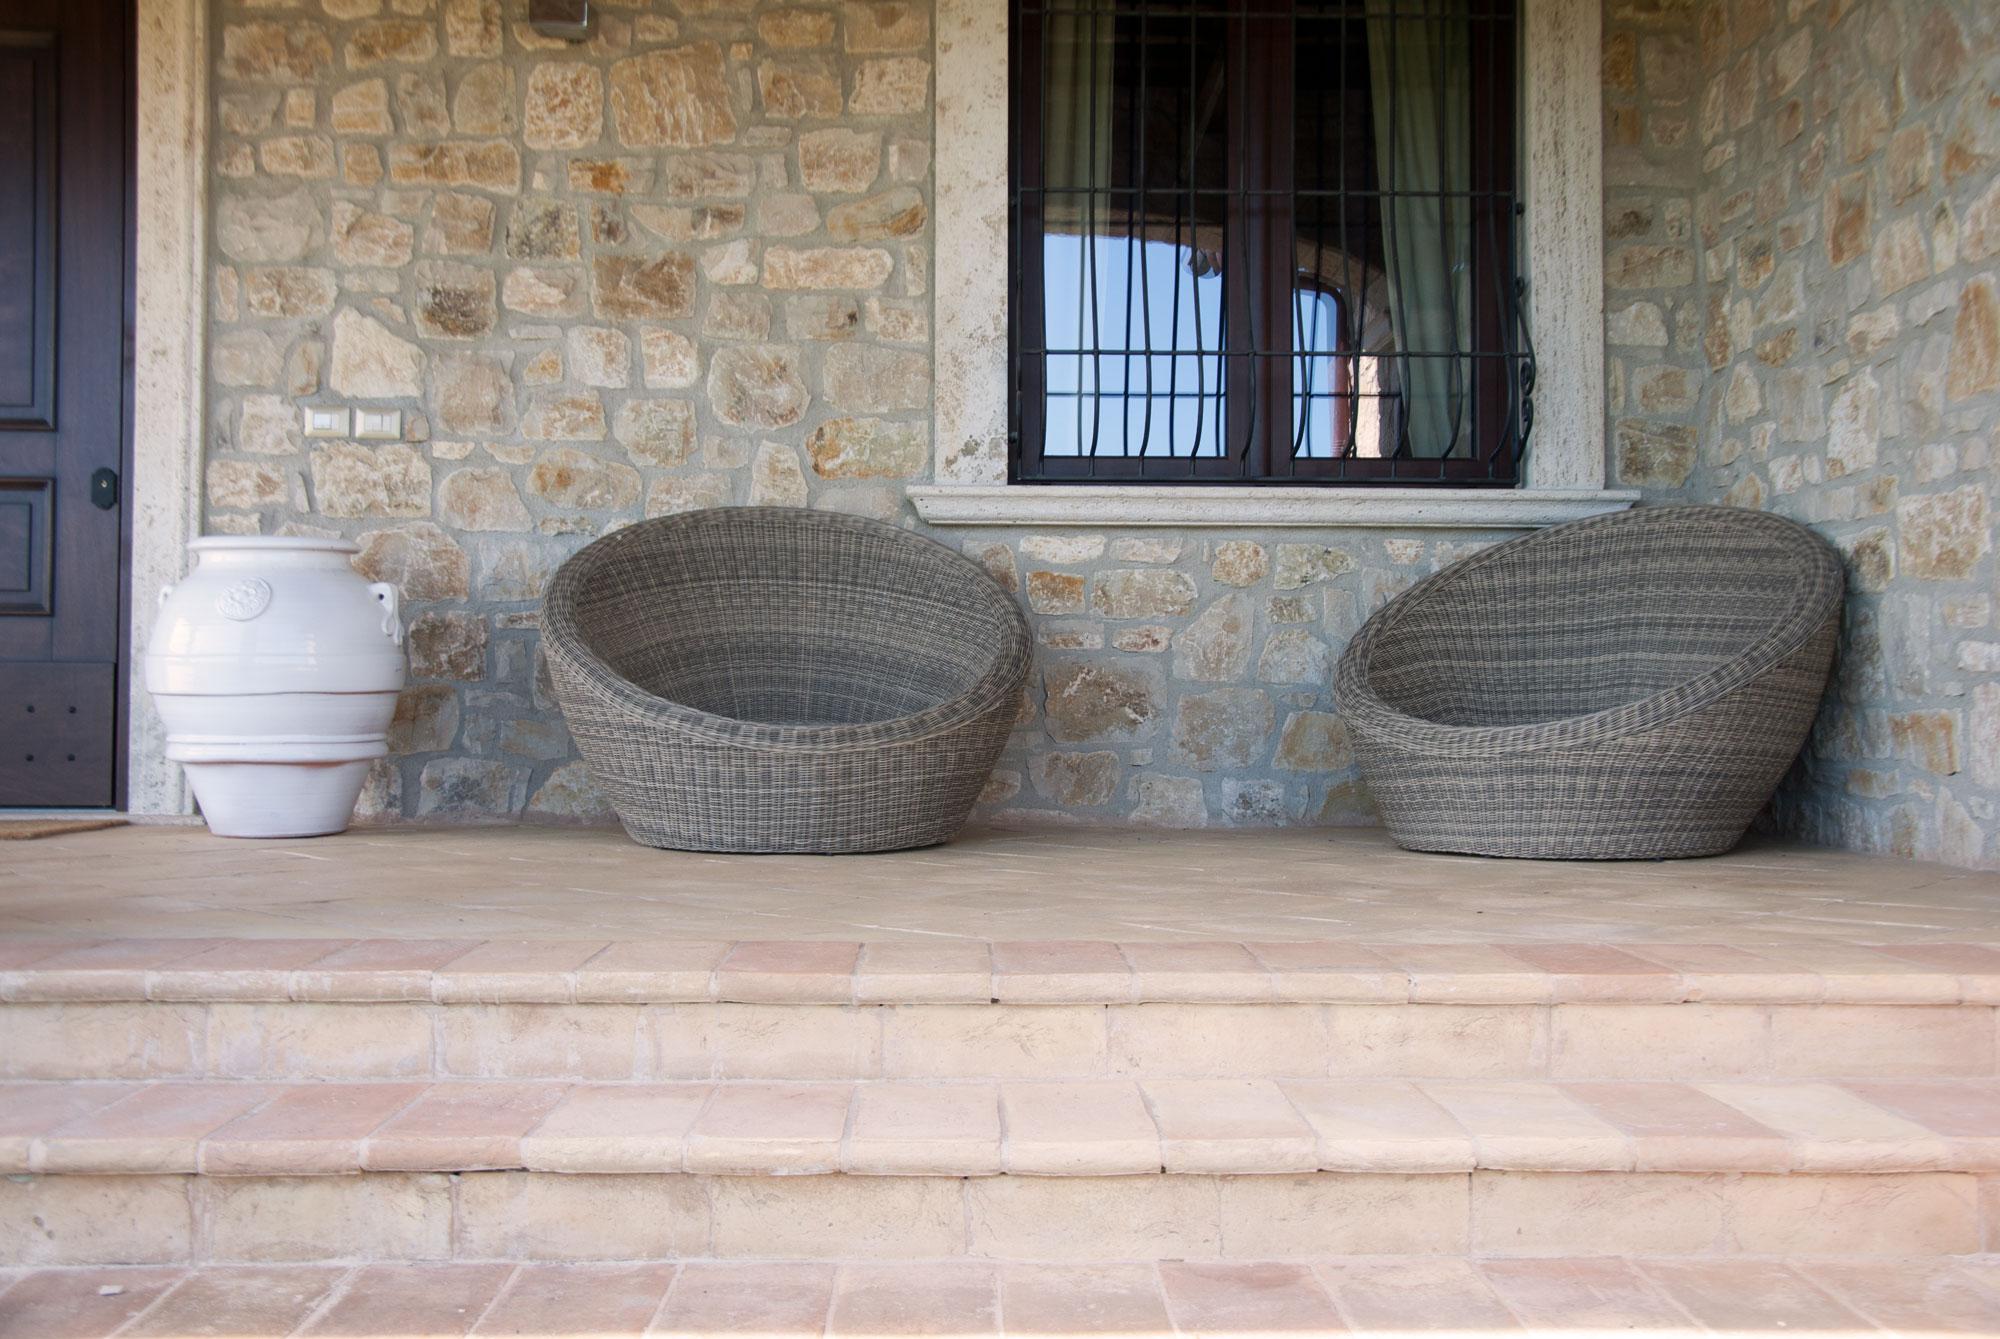 Pavimenti per esterni in cotto e mattoni in cotto per esterno:vantaggi ...